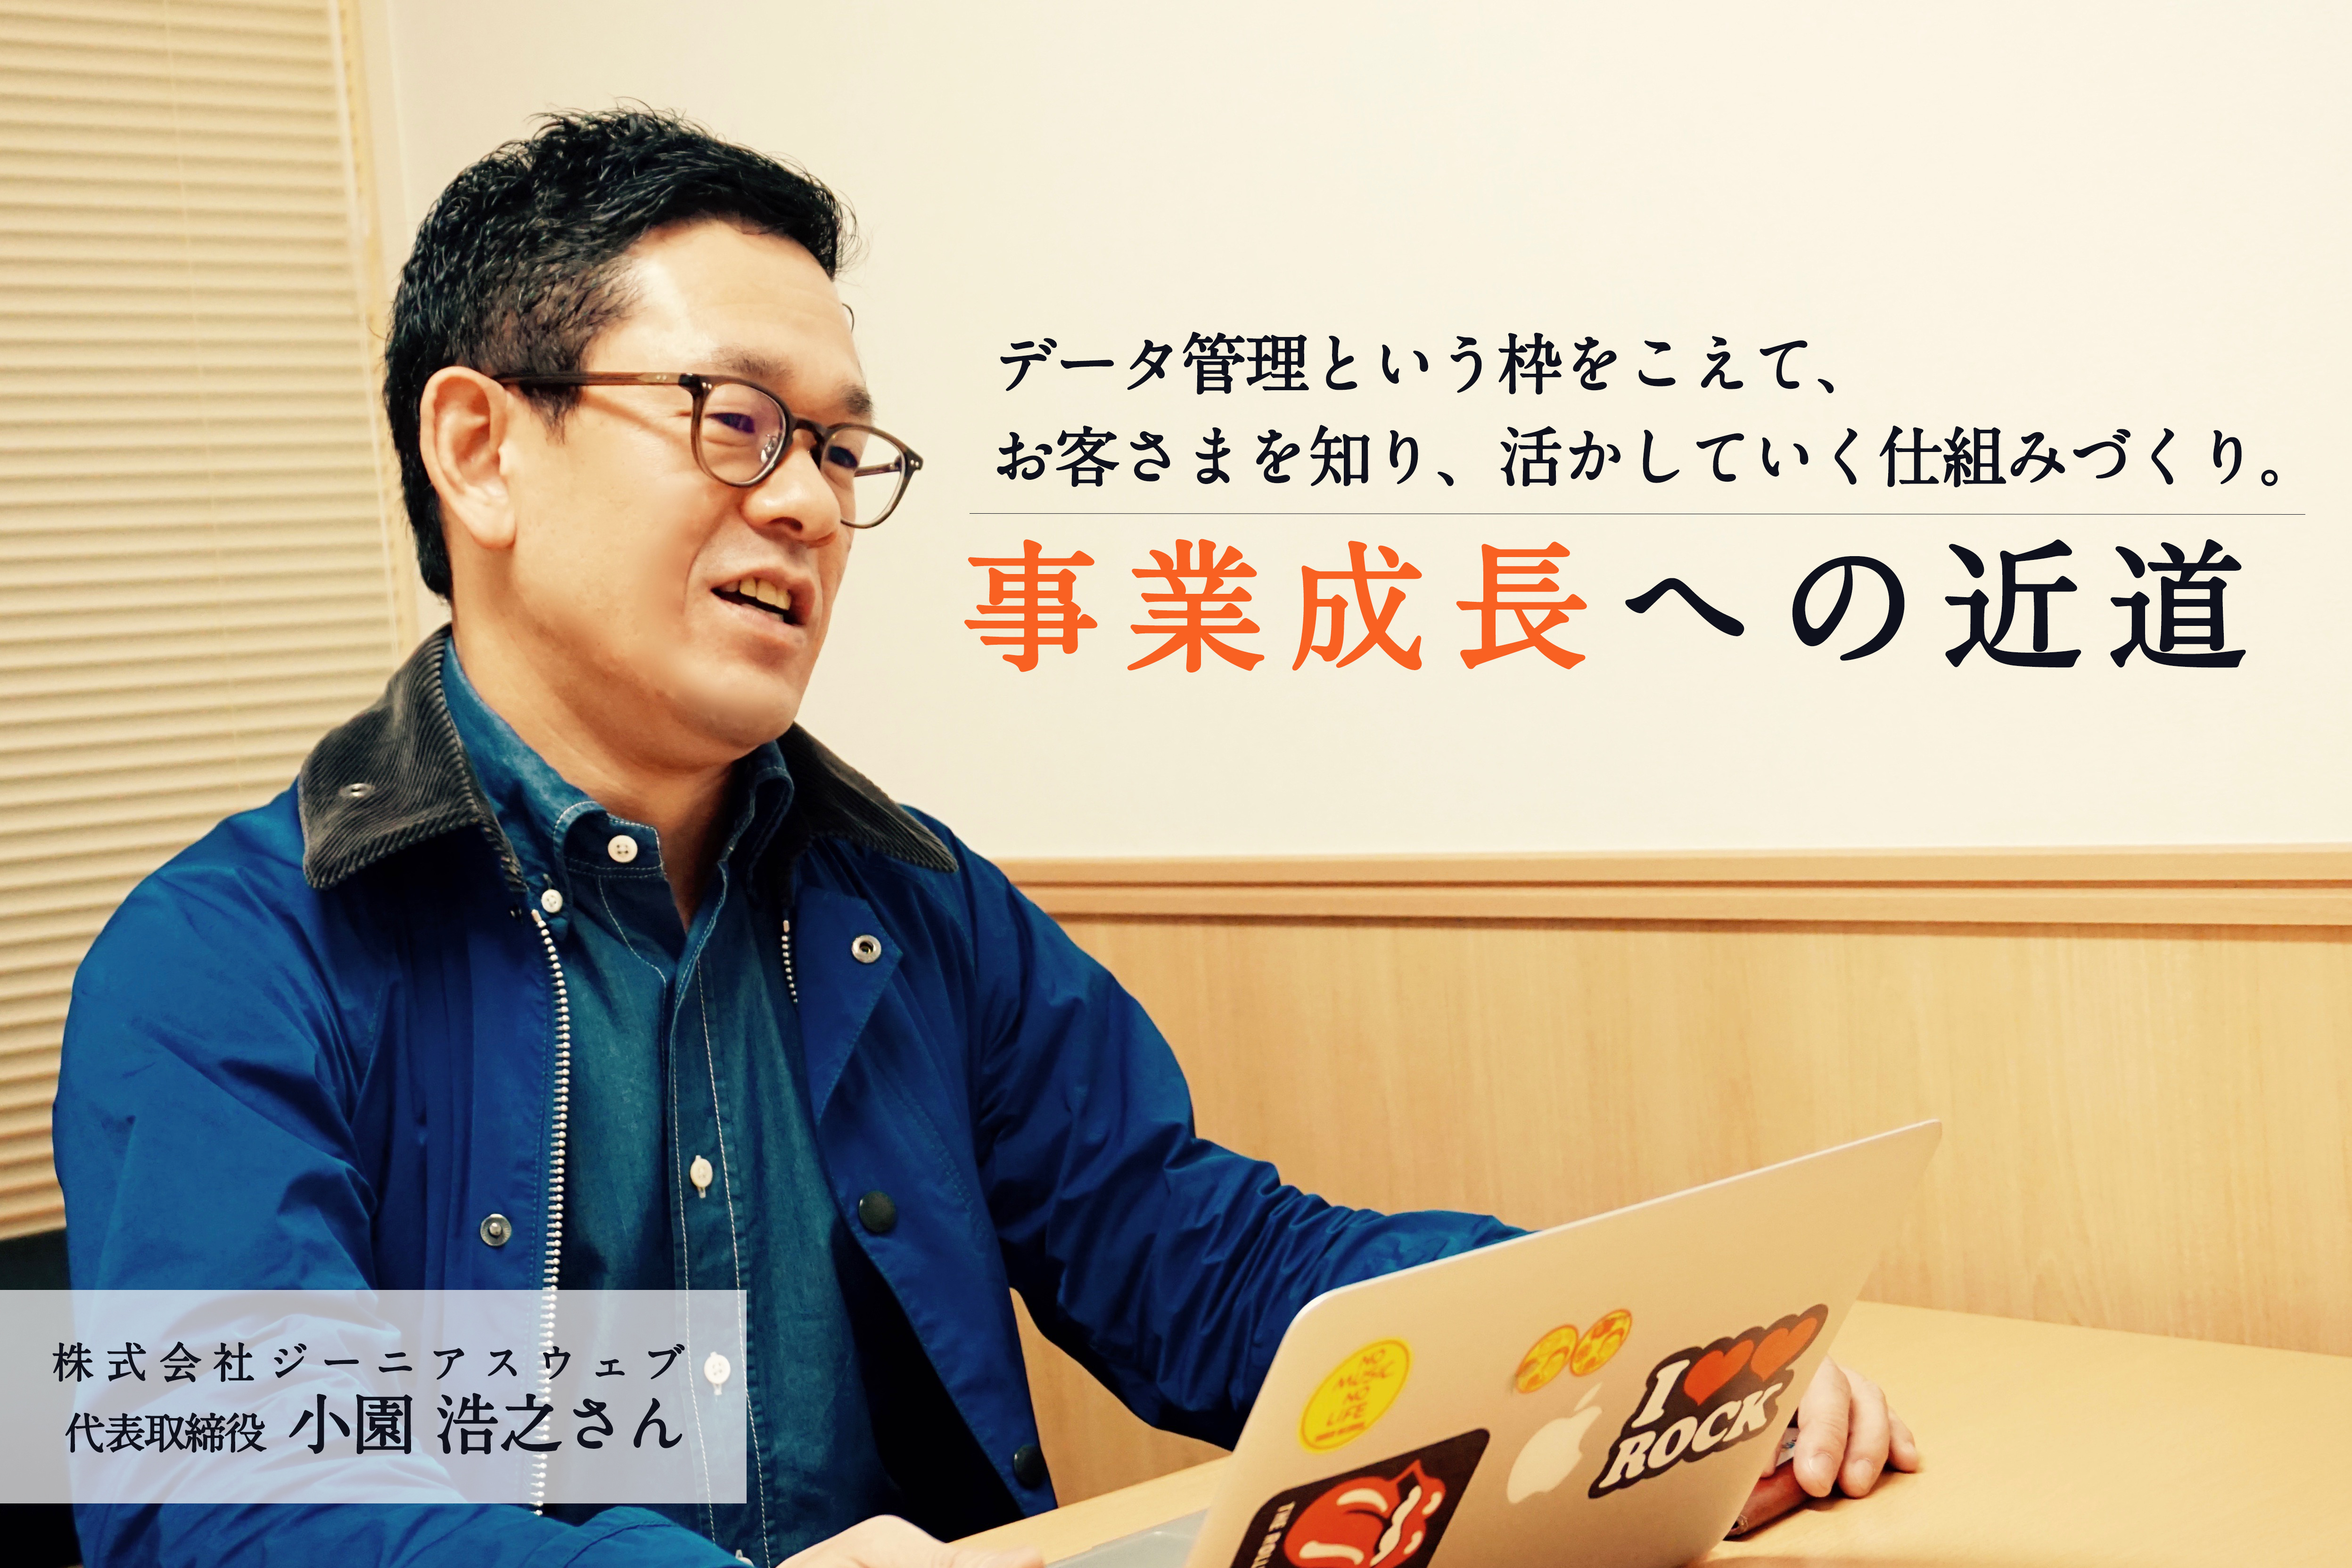 事例_小園さん (1)